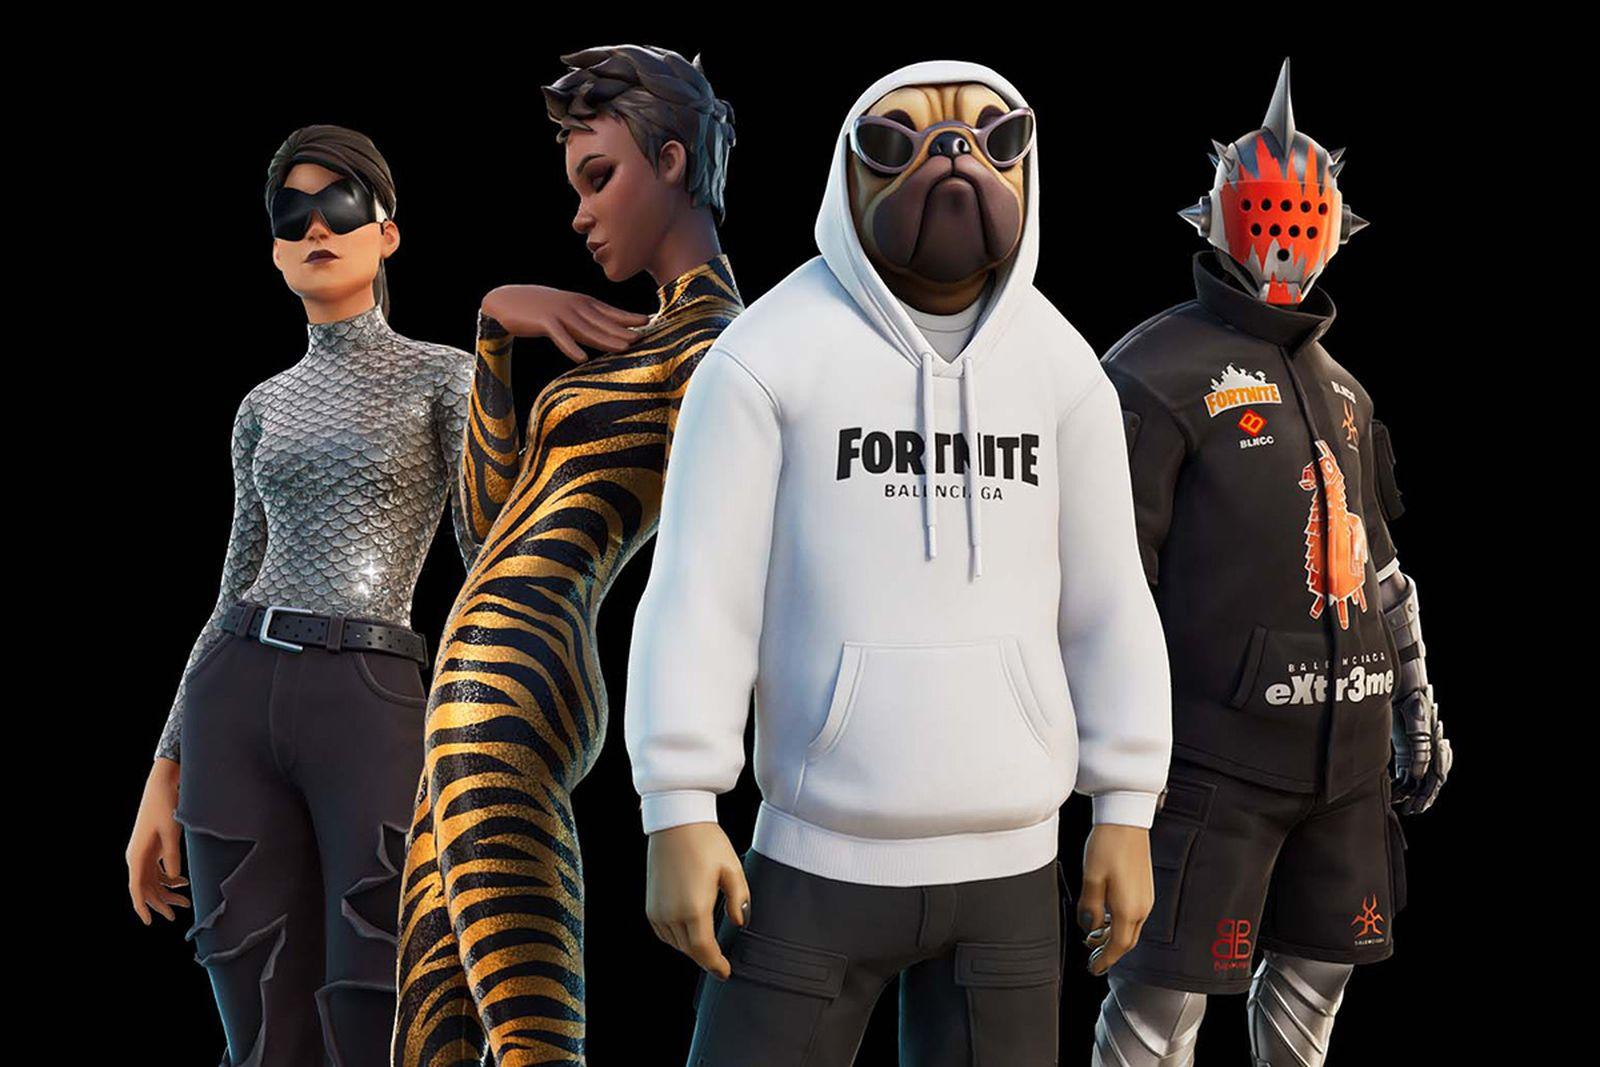 fortnite-balenciaga-collaboration-release-info-feat